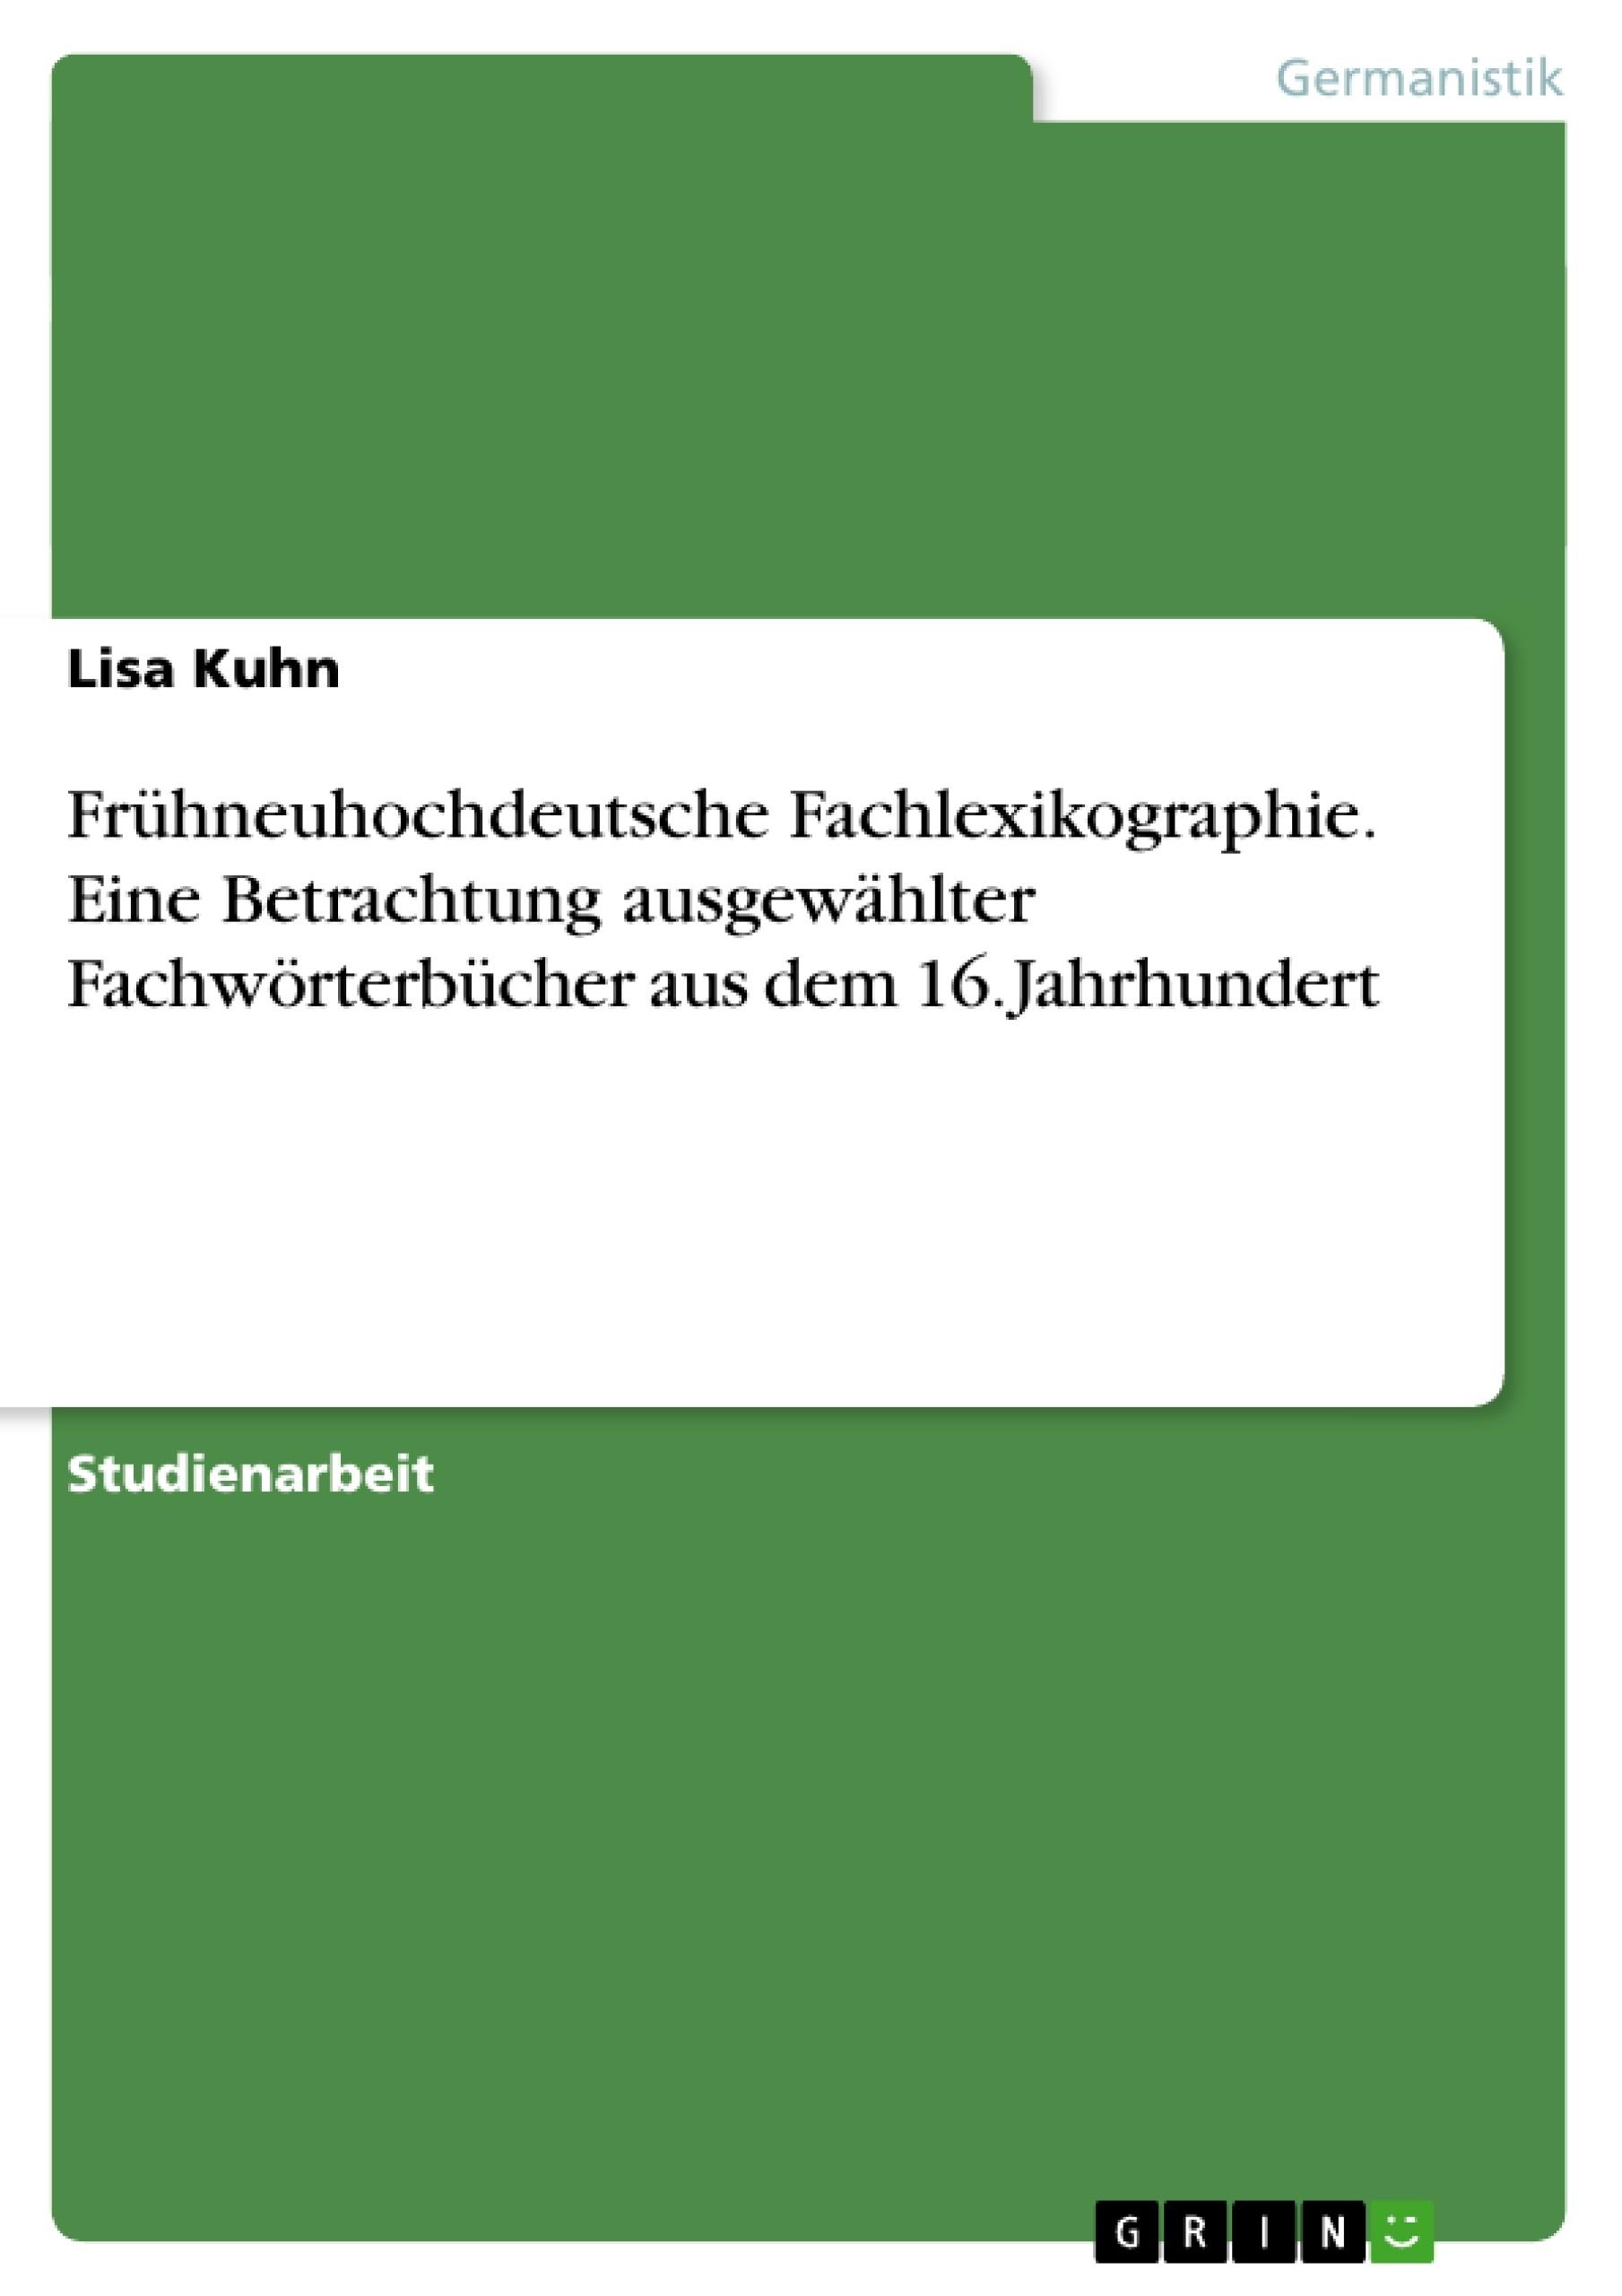 Titel: Frühneuhochdeutsche Fachlexikographie. Eine Betrachtung ausgewählter Fachwörterbücher aus dem 16. Jahrhundert